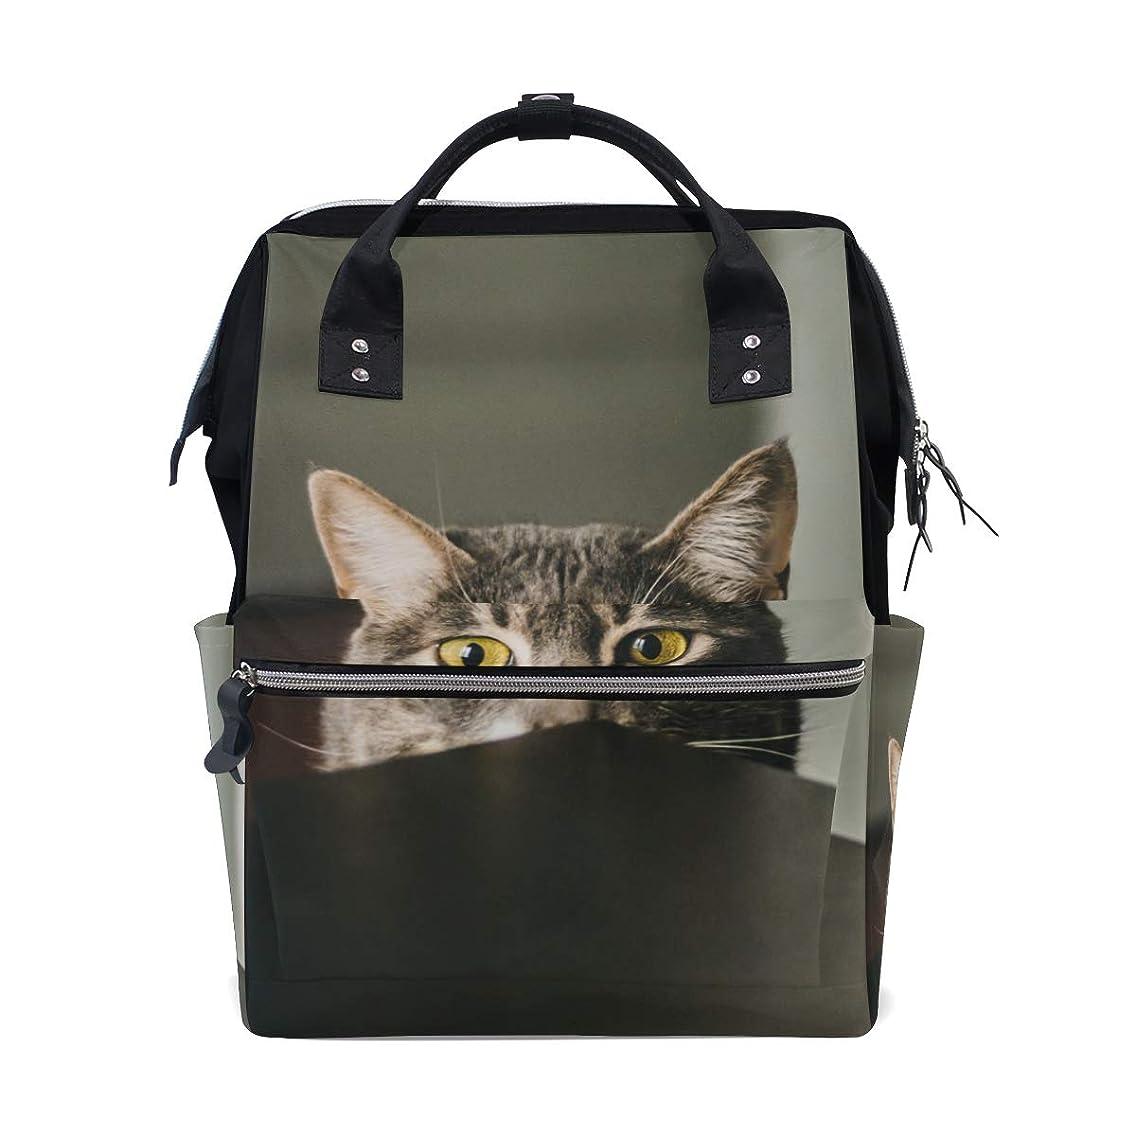 Backpack Cute Cat Animal School Rucksack Diaper Bags Travel Shoulder Large Capacity Bookbag for Women Men